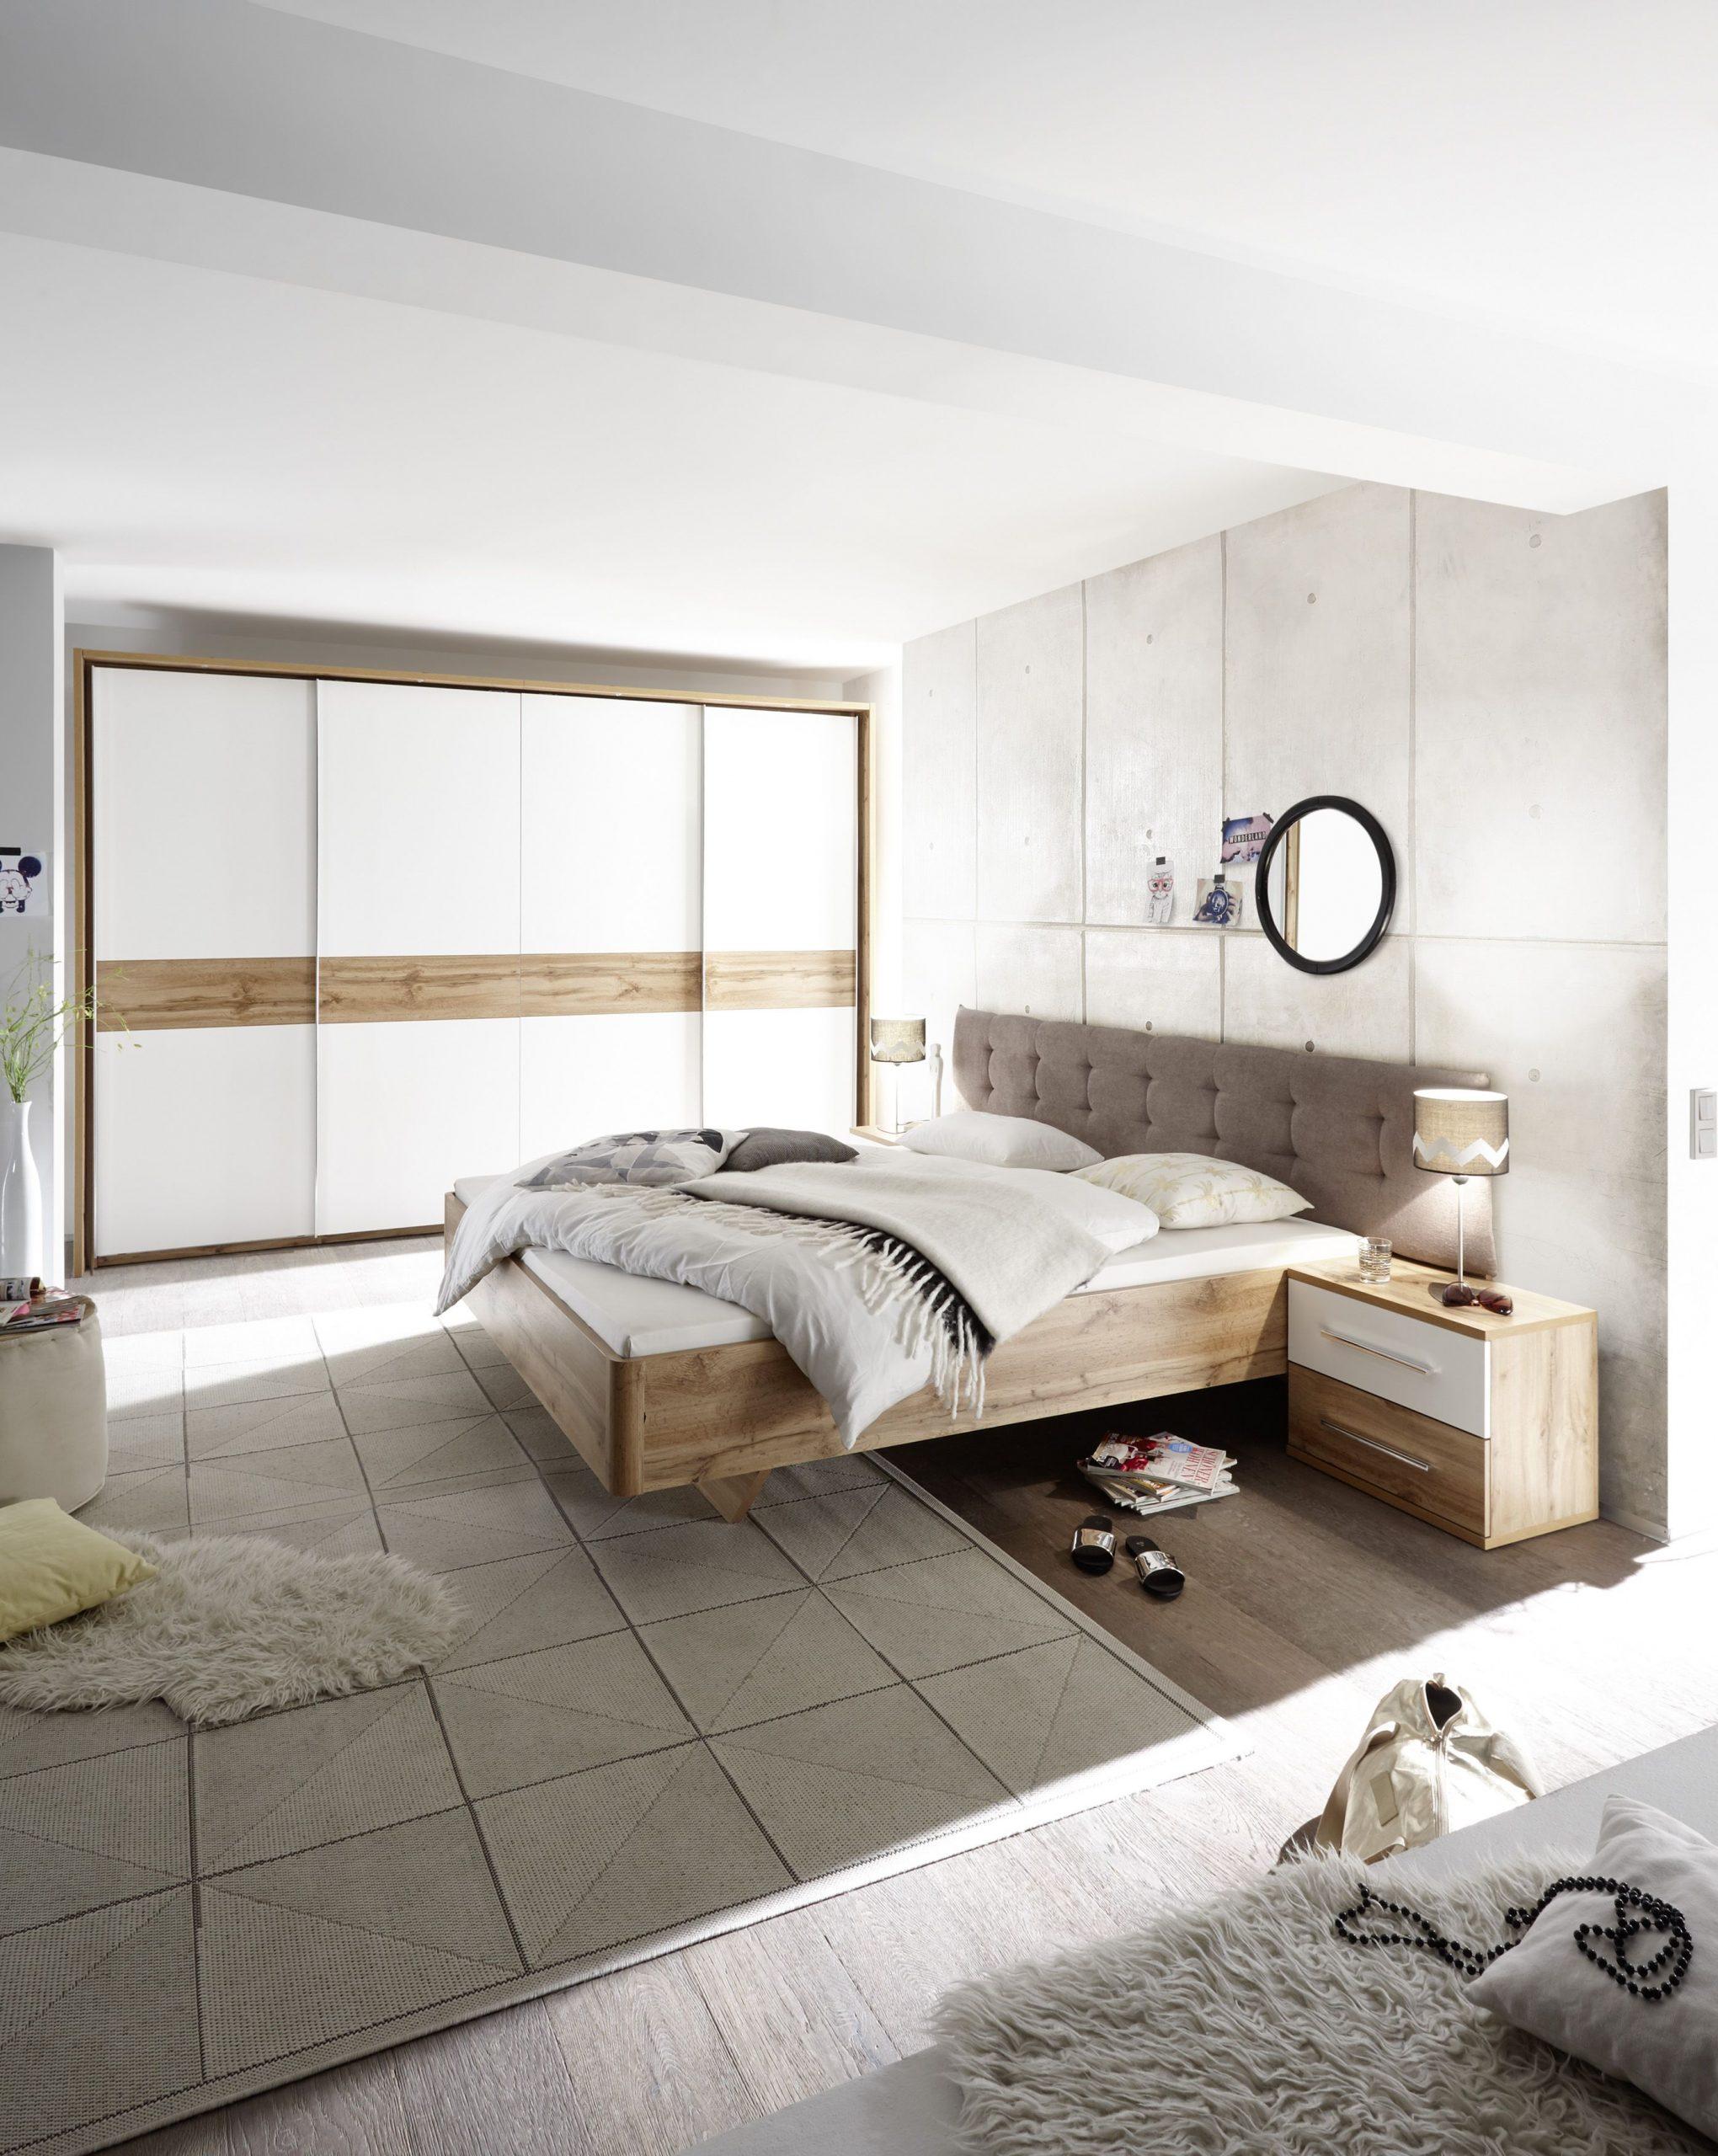 Full Size of Schlafzimmer Komplett Günstig Mbel Gnstig 24 Set 5 Tlg Bergamo Bett 180 Led Deckenleuchte Deckenlampe Kommode 180x200 Günstige Regale Mit überbau Schlafzimmer Schlafzimmer Komplett Günstig